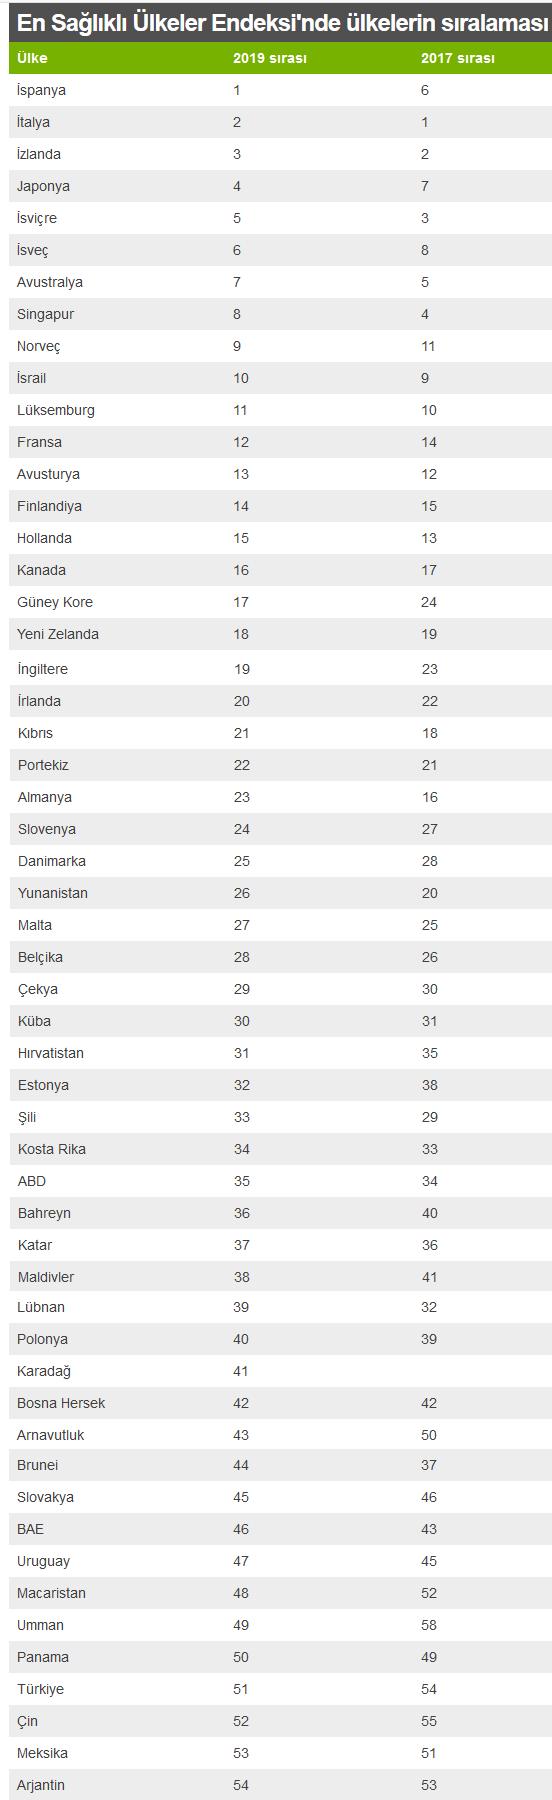 En sağlıklı ülkeler